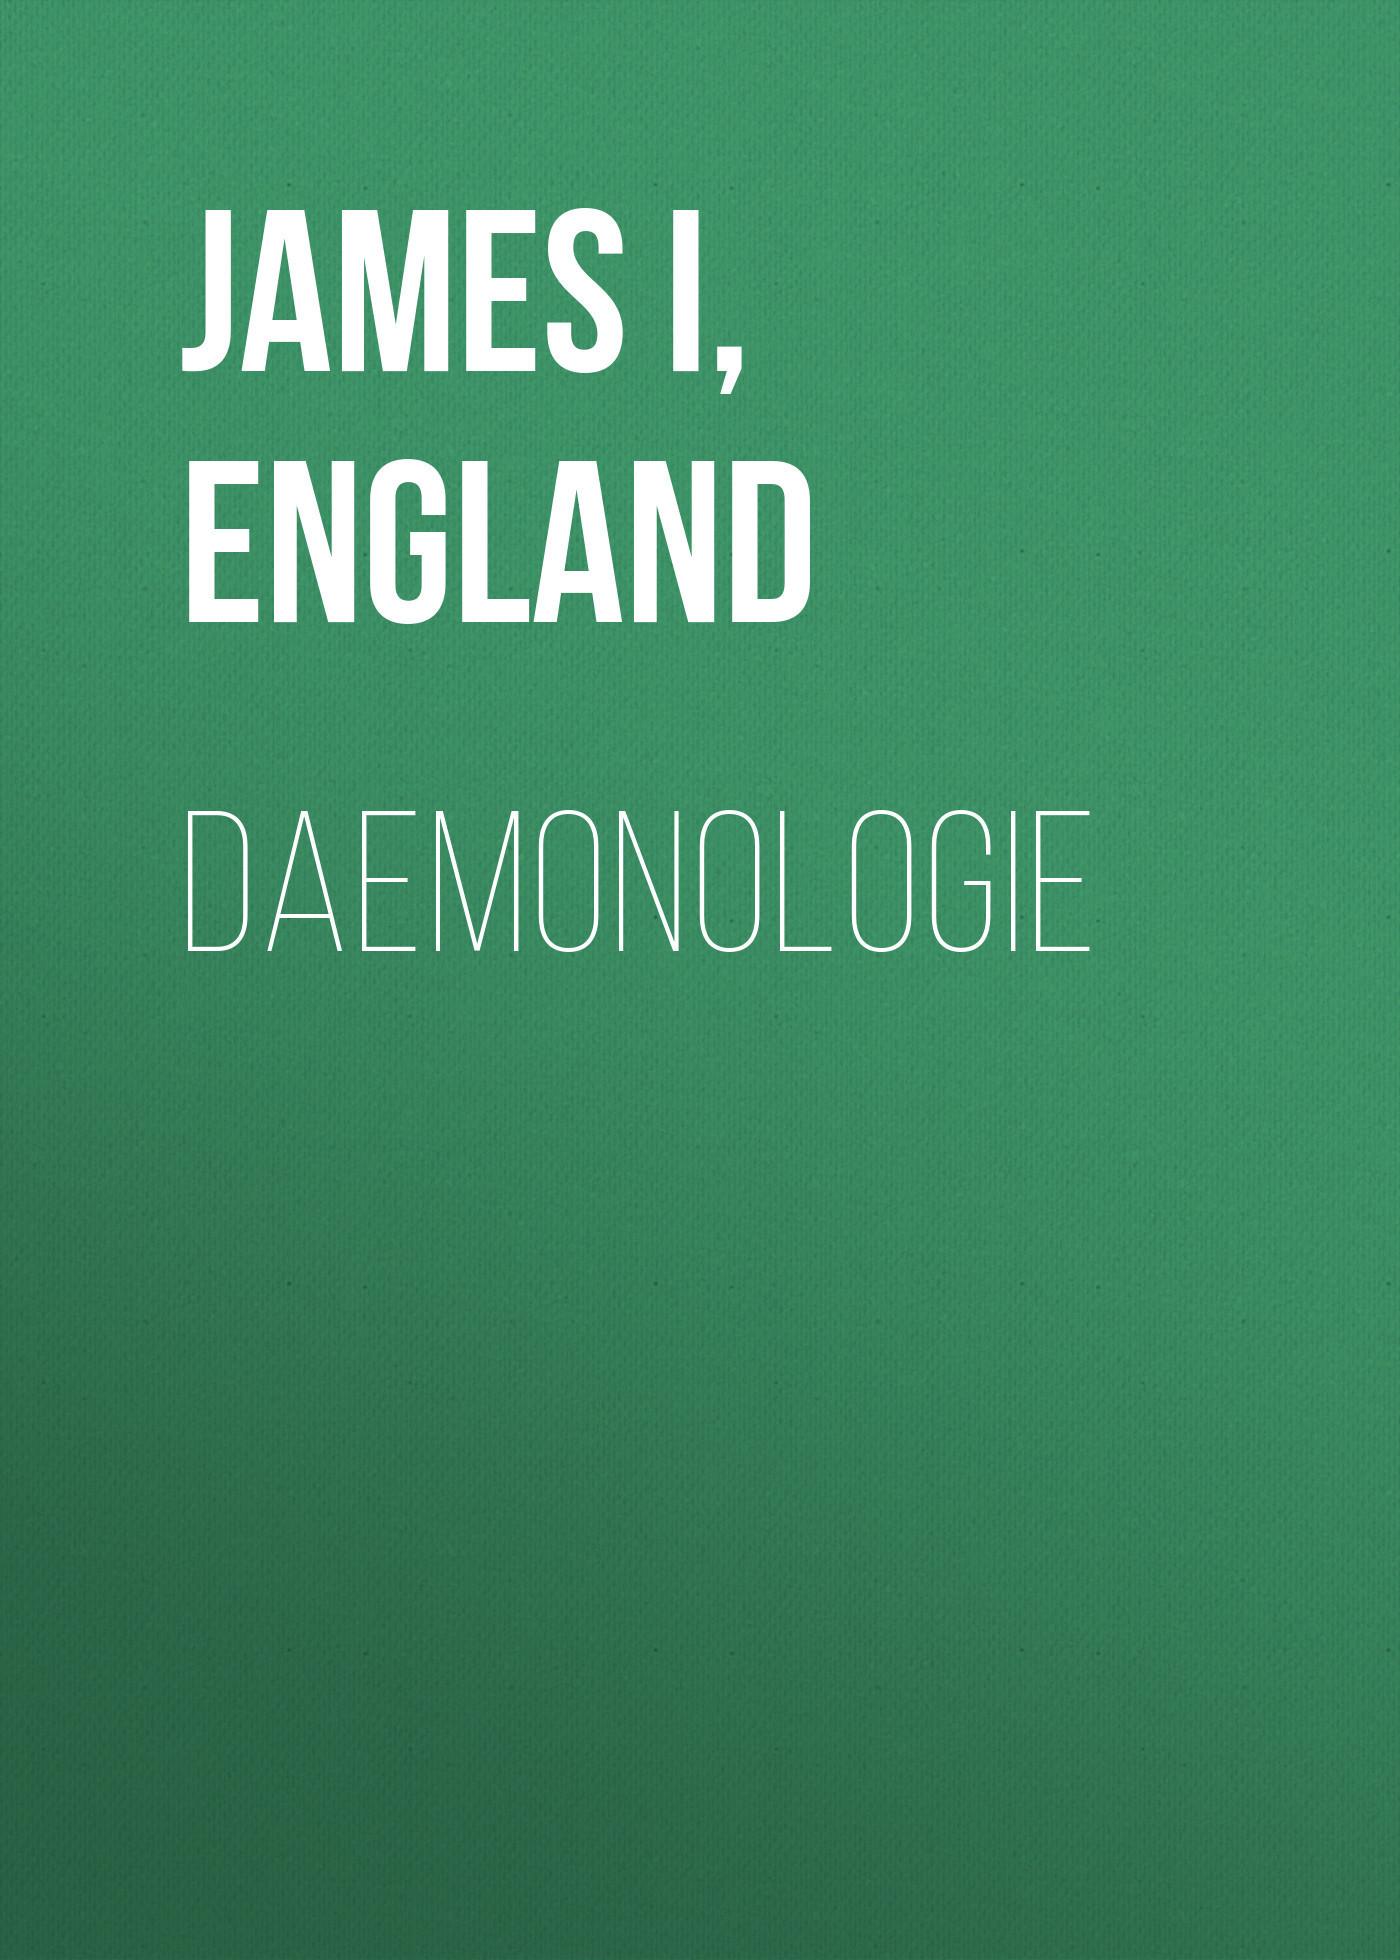 James I, King of England Daemonologie king james nkum power of sex for singles